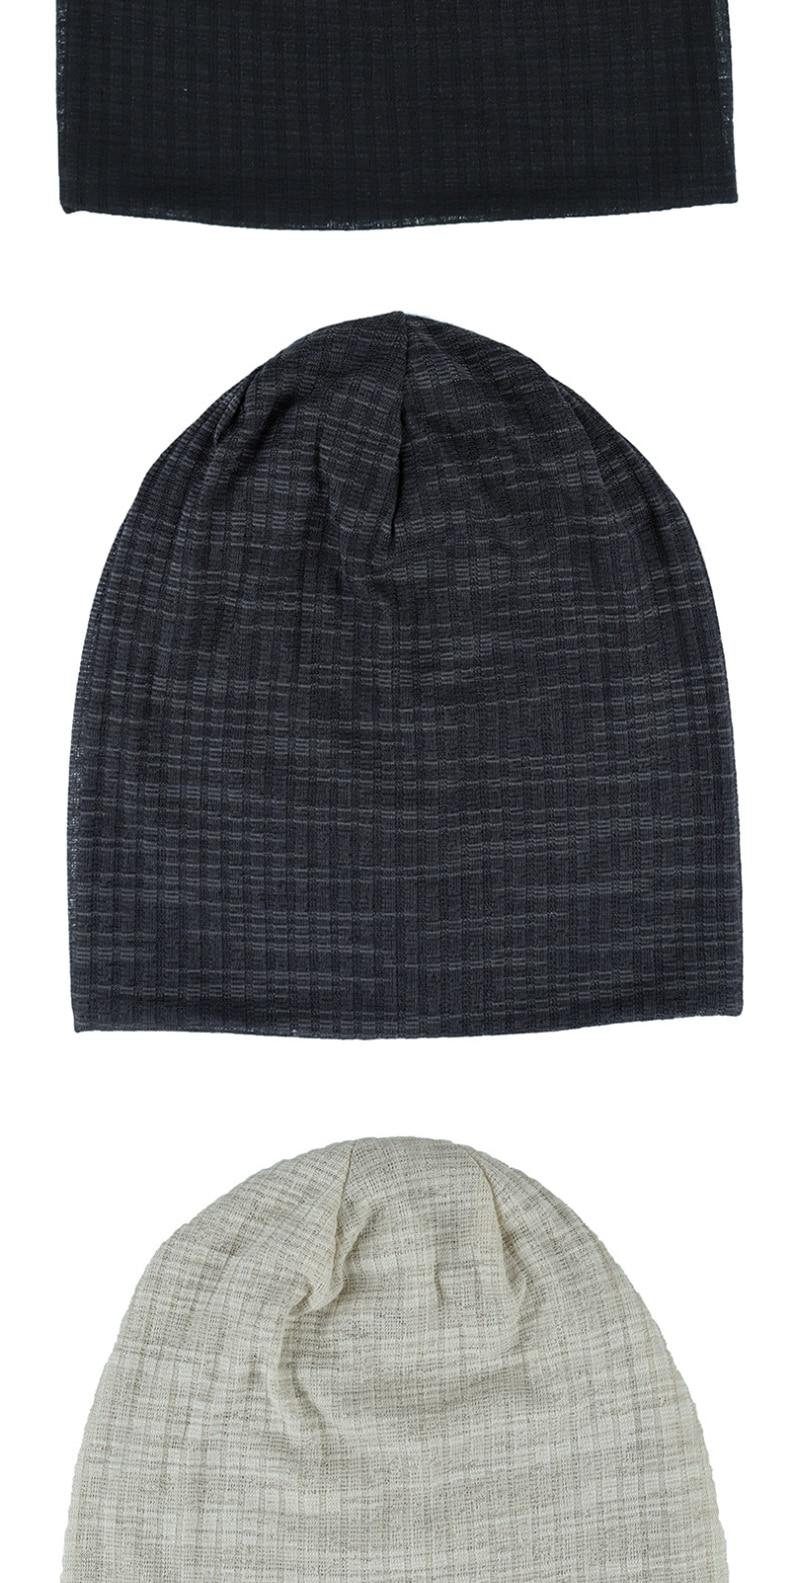 新款针织帽_2019-eilish刺绣针织帽套头嘻哈帽毛线帽18色---阿里巴巴_06